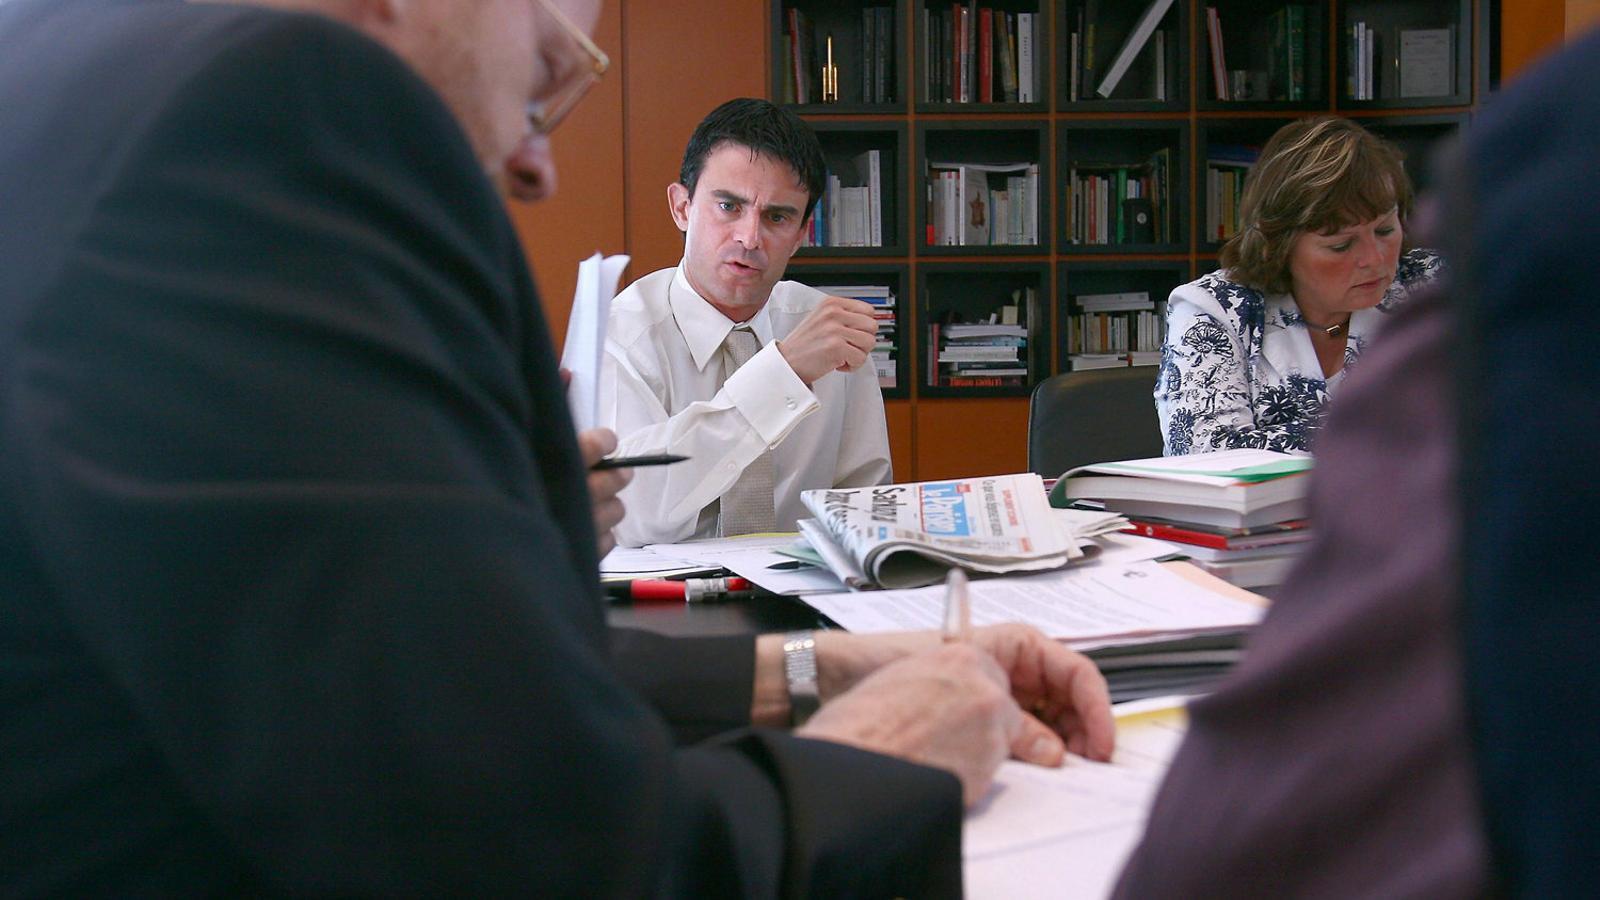 Valls i l'obsessió per la seguretat: d'Evry a Barcelona